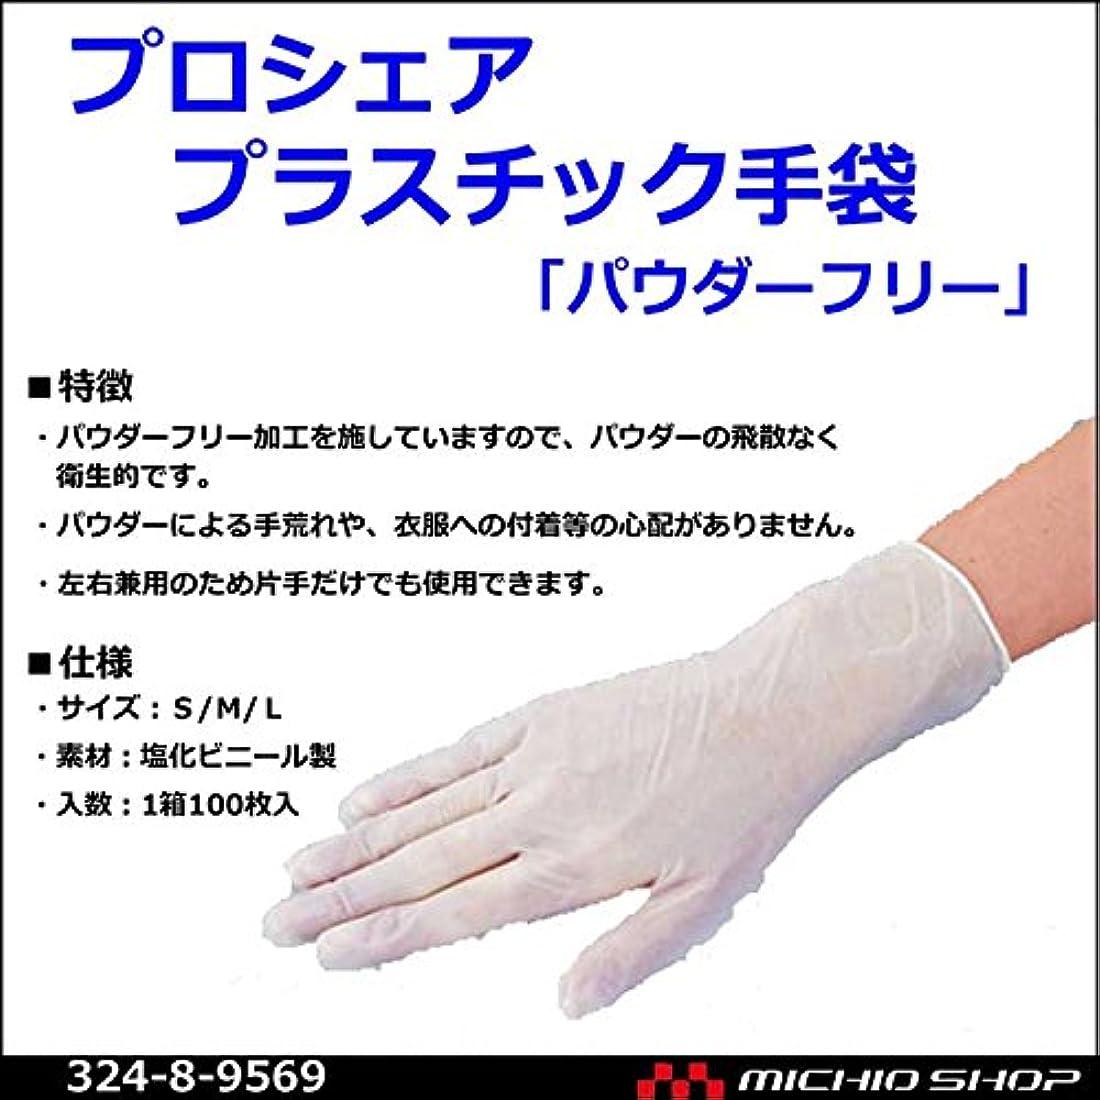 失業者万一に備えて伸ばすアズワン プロシェアプラスチック手袋 100枚入 8-9569 04 SS